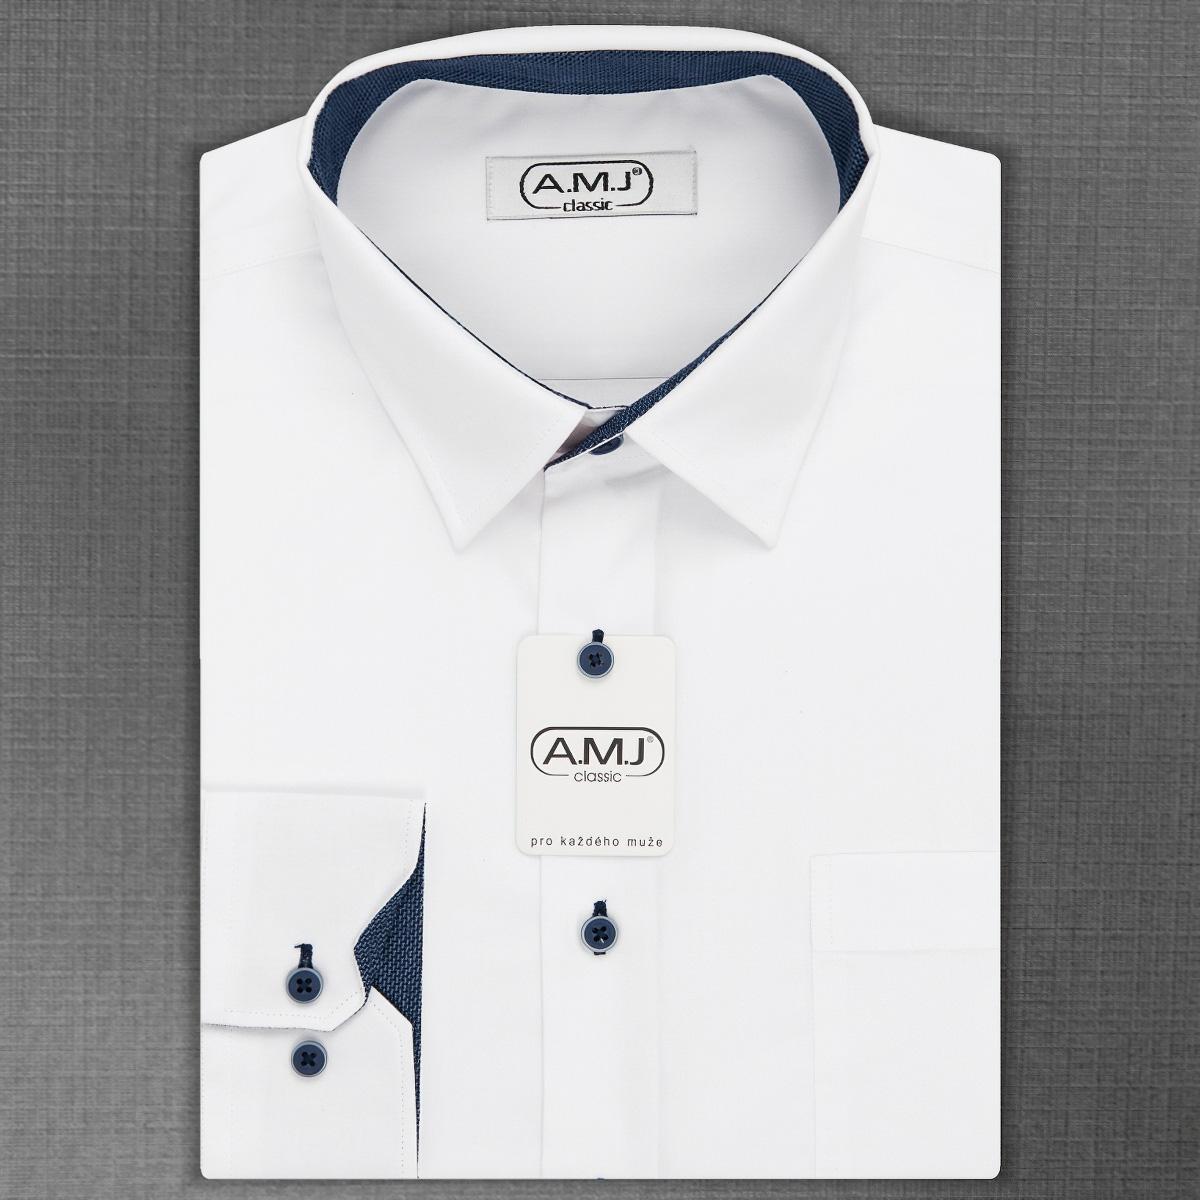 Pánská košile AMJ jednobarevná JDR18/15, bílá, dlouhý rukáv